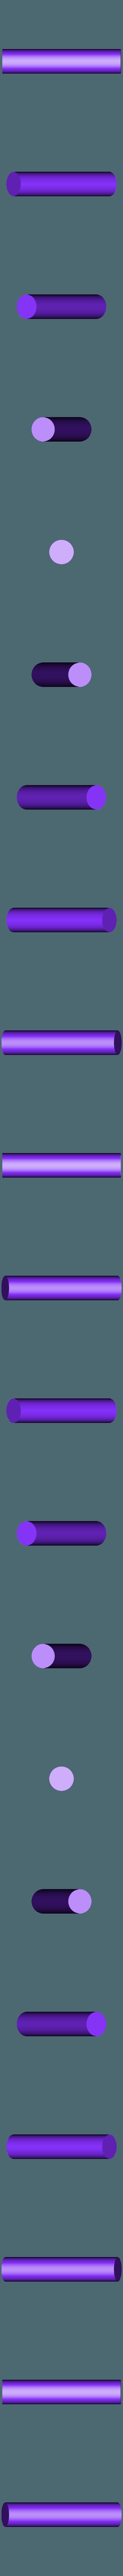 Leg-Right-Pin.stl Télécharger fichier STL gratuit Big Optimus Prime! - Modèle multi-matériaux • Plan pour imprimante 3D, ChaosCoreTech